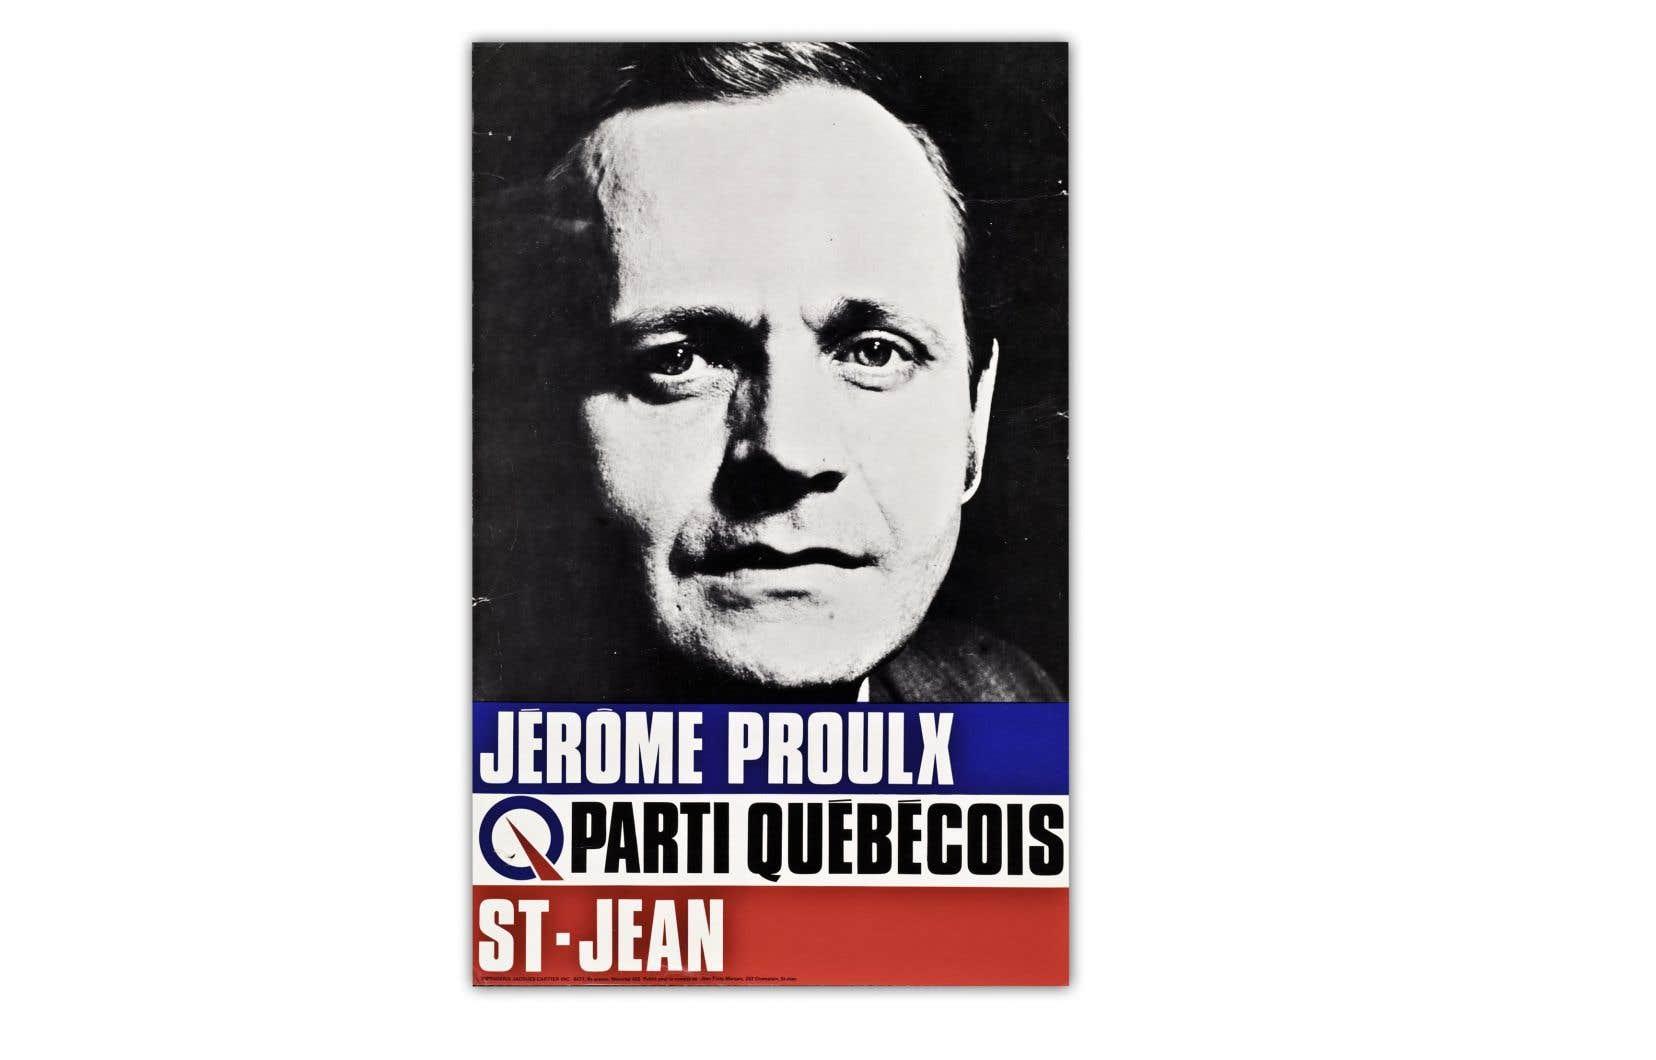 «Tout le monde et son voisin connaissaient Jérôme Proulx dans Saint-Jean», écrit l'auteur.